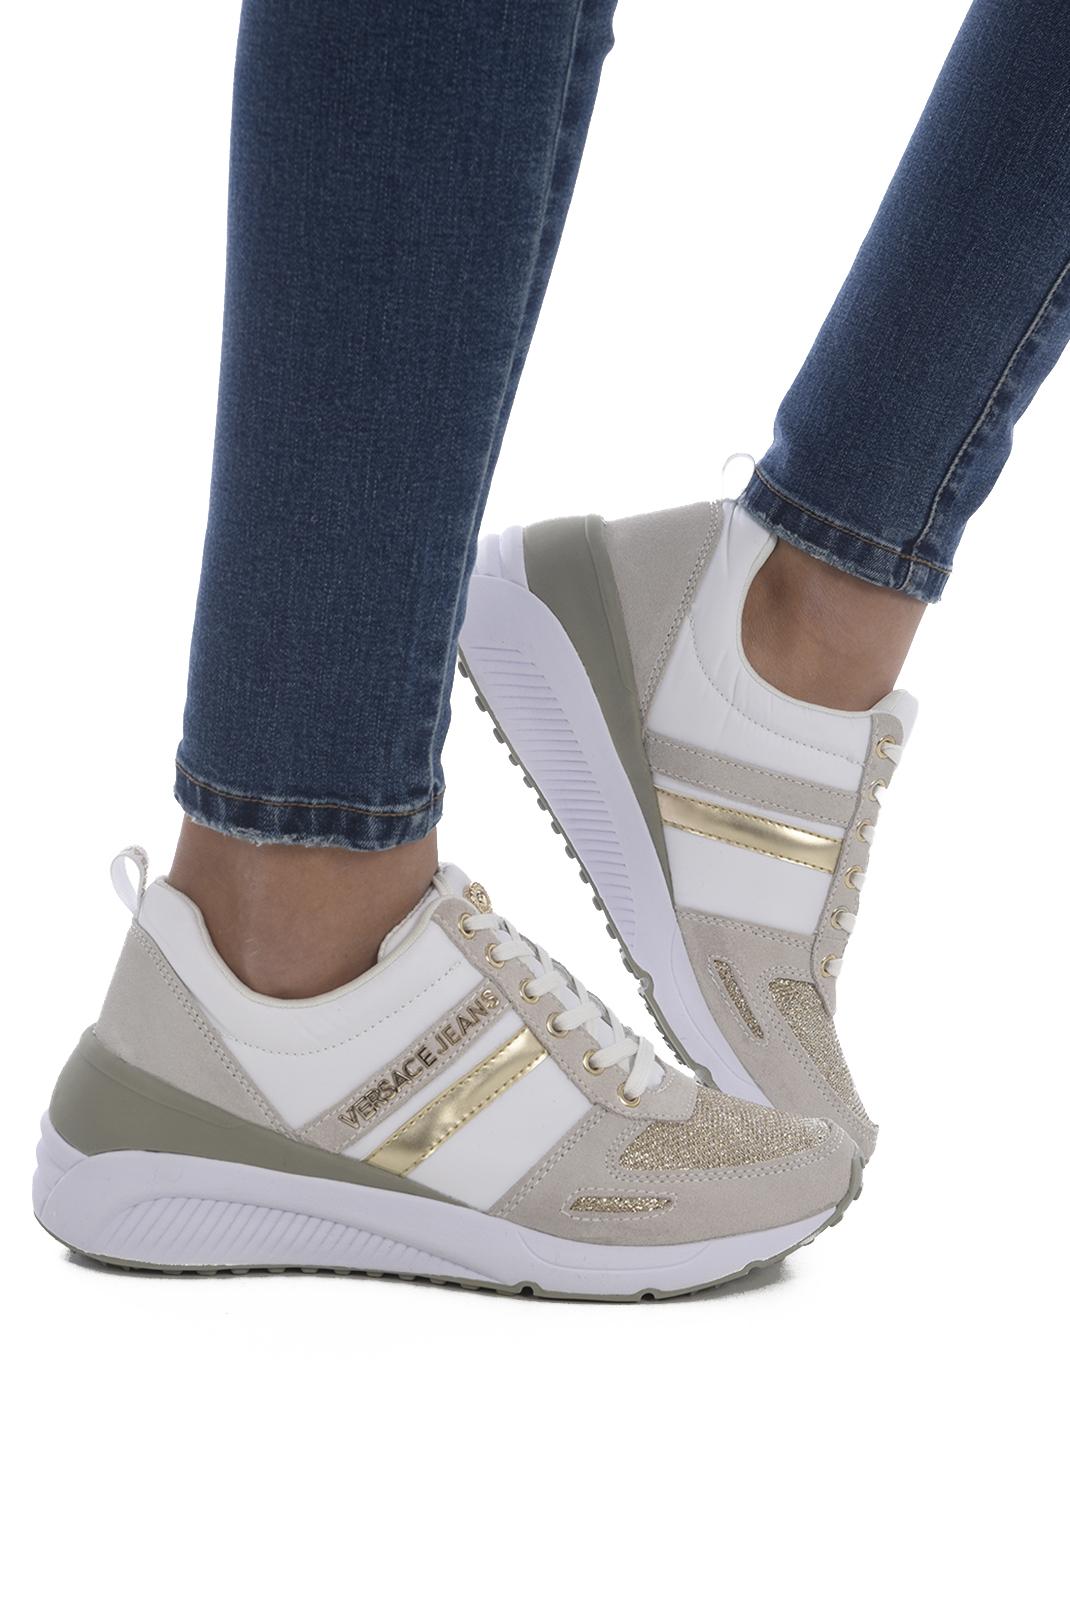 Baskets / Sneakers  Versace Jeans VRBSB2 723 BEIGE